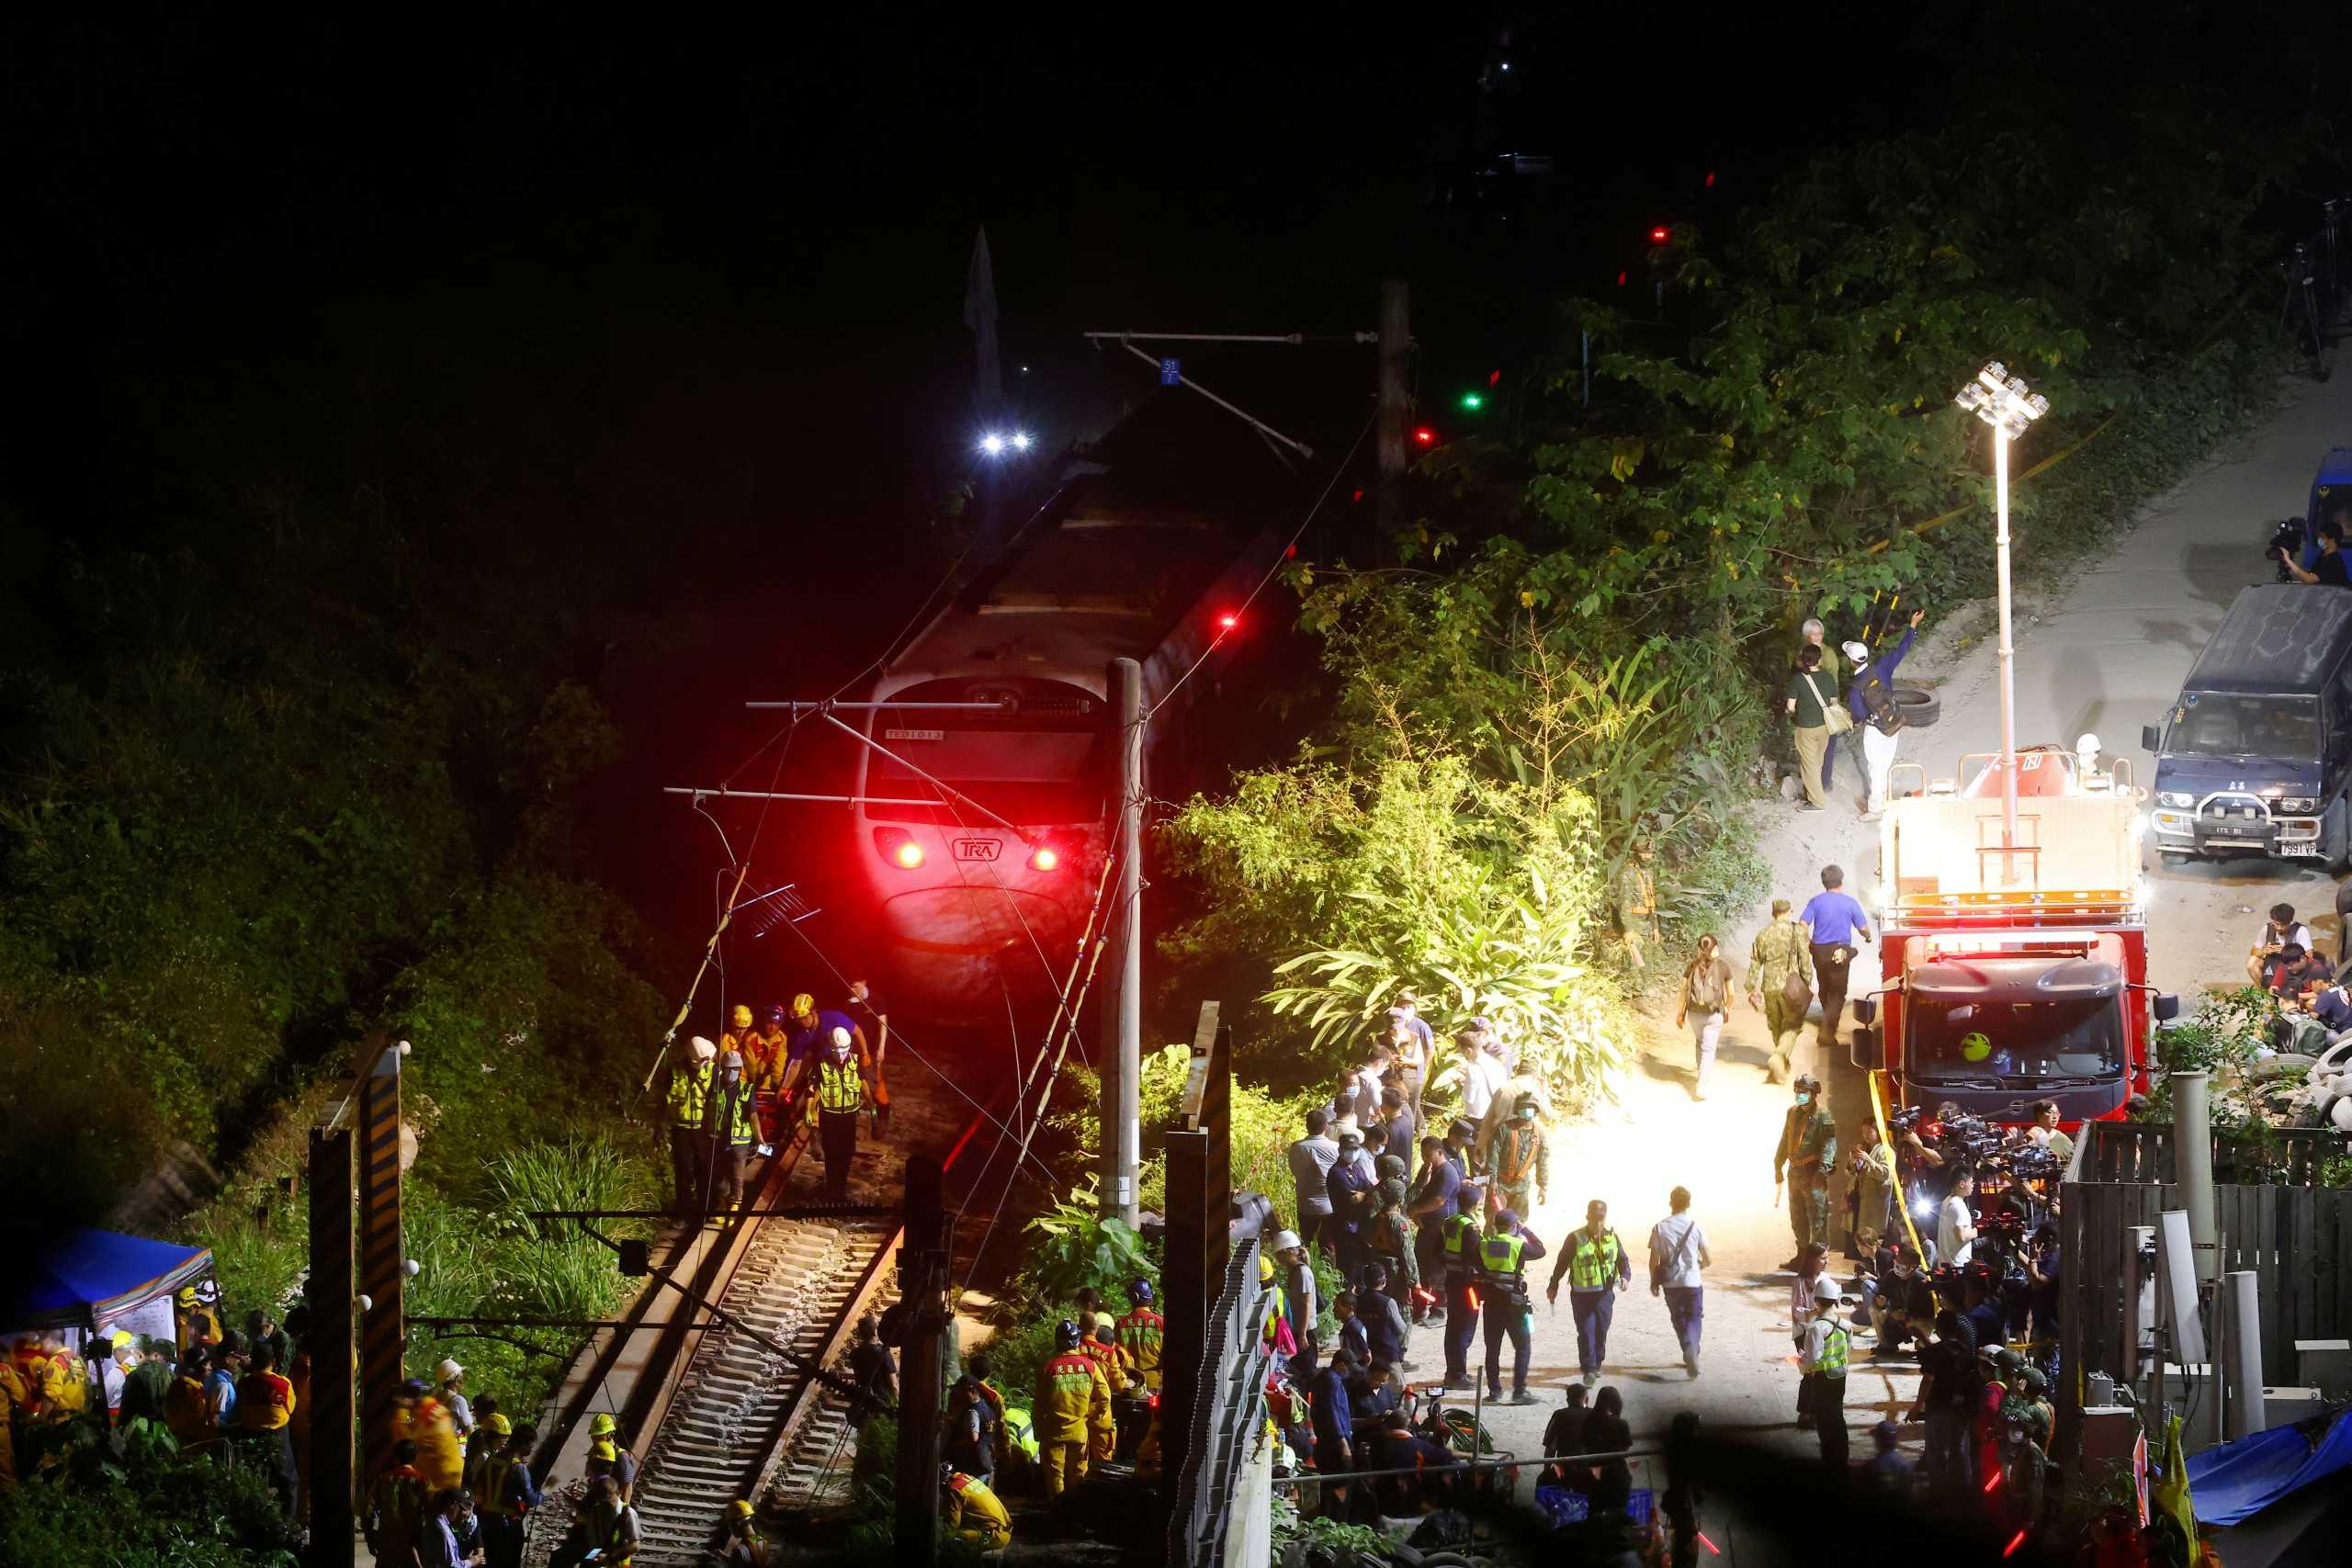 Τουλάχιστον 51 οι νεκροί από τη σιδηροδρομική τραγωδία στην Ταϊβάν